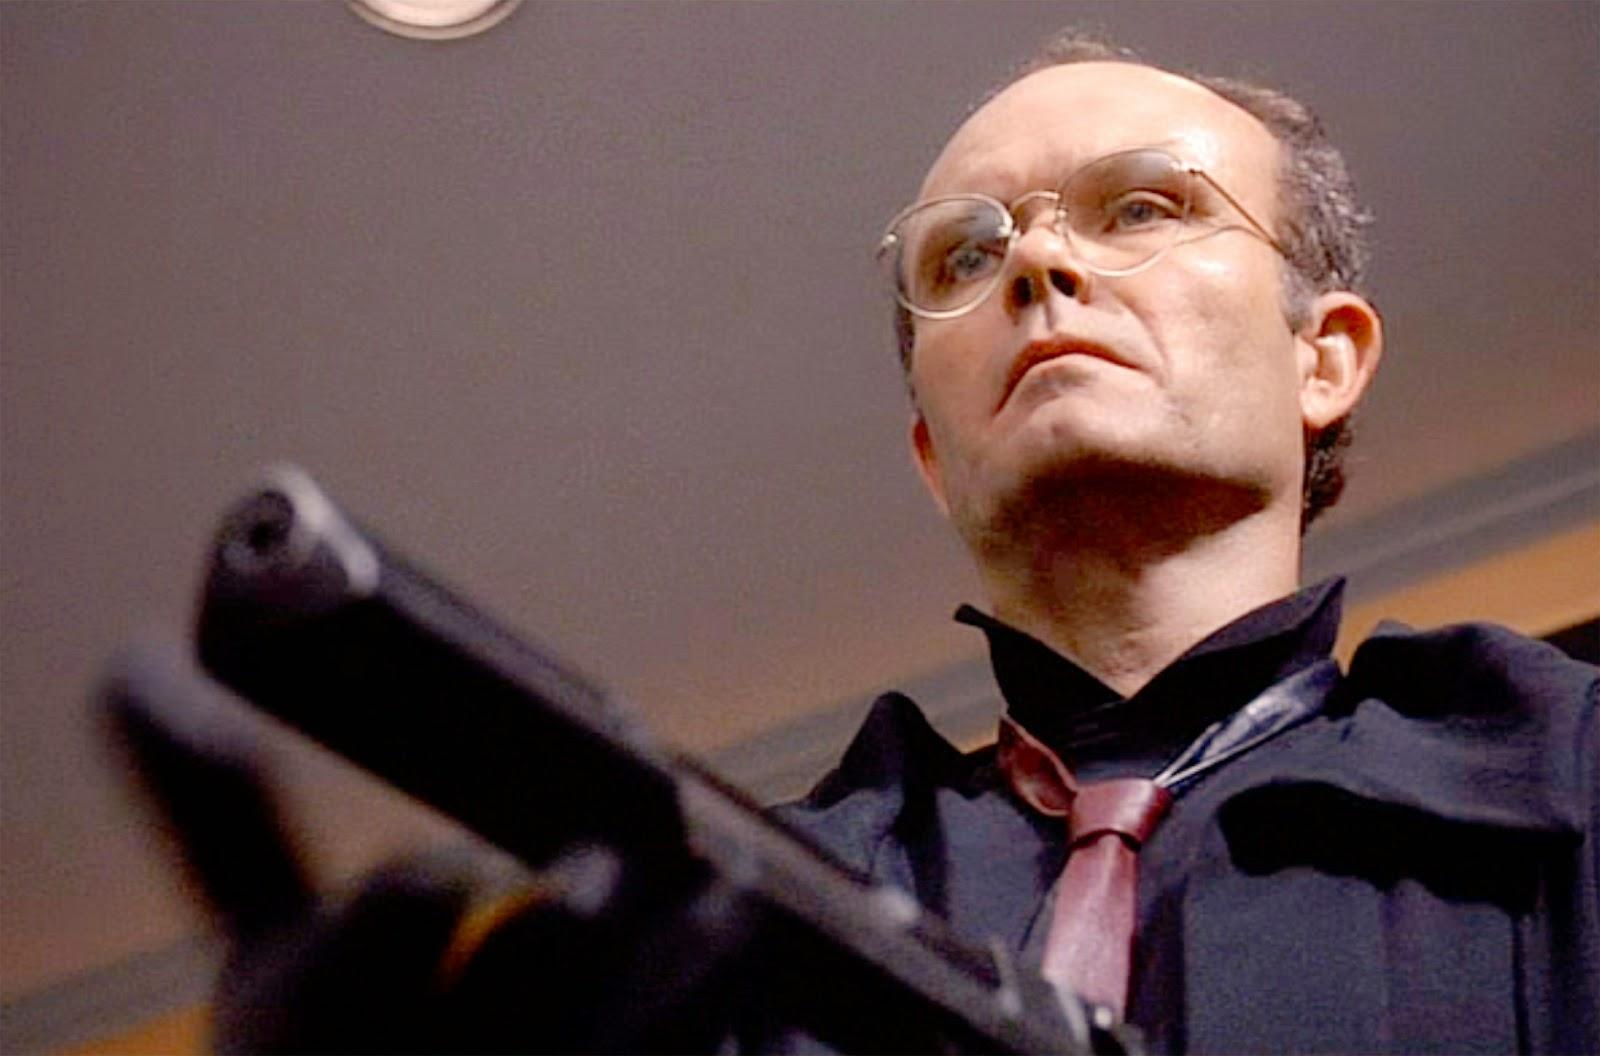 Clarence Boddicker in Robocop (1987)